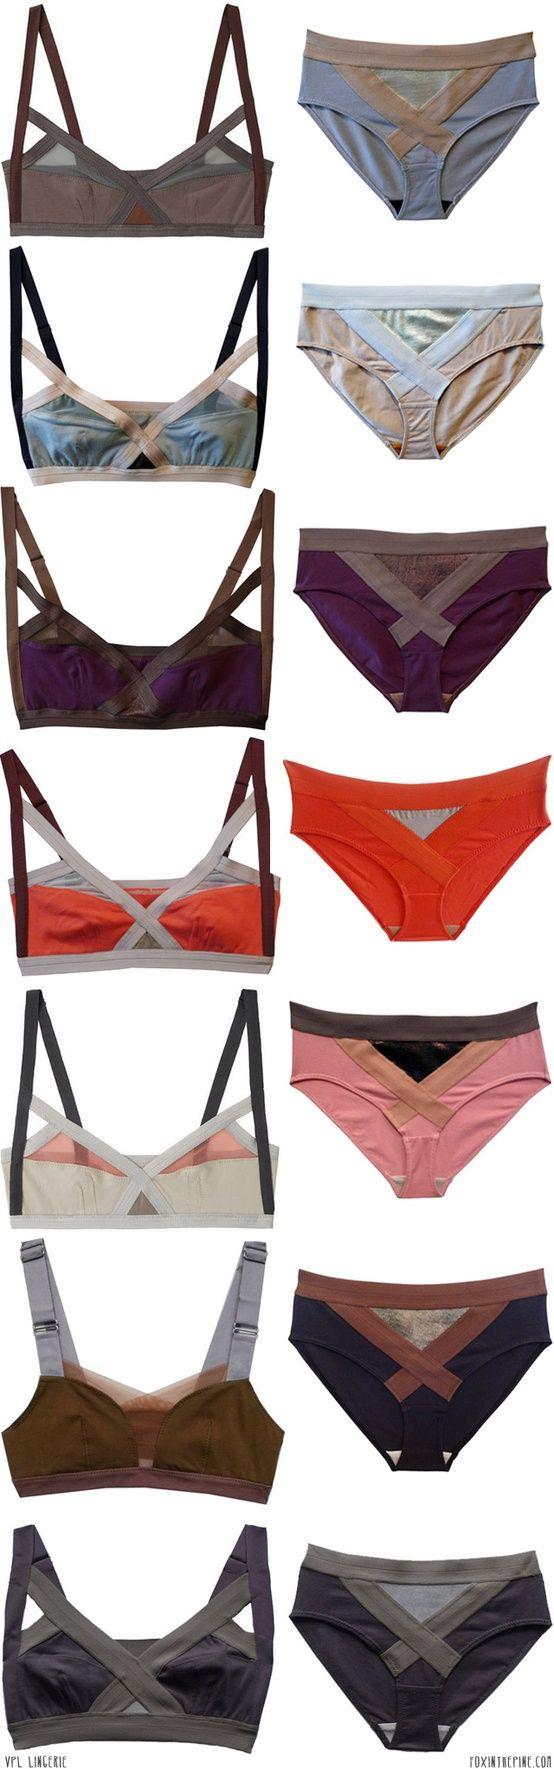 Bras and Panties SPORT CHIC - http://amzn.to/2gaTvHB